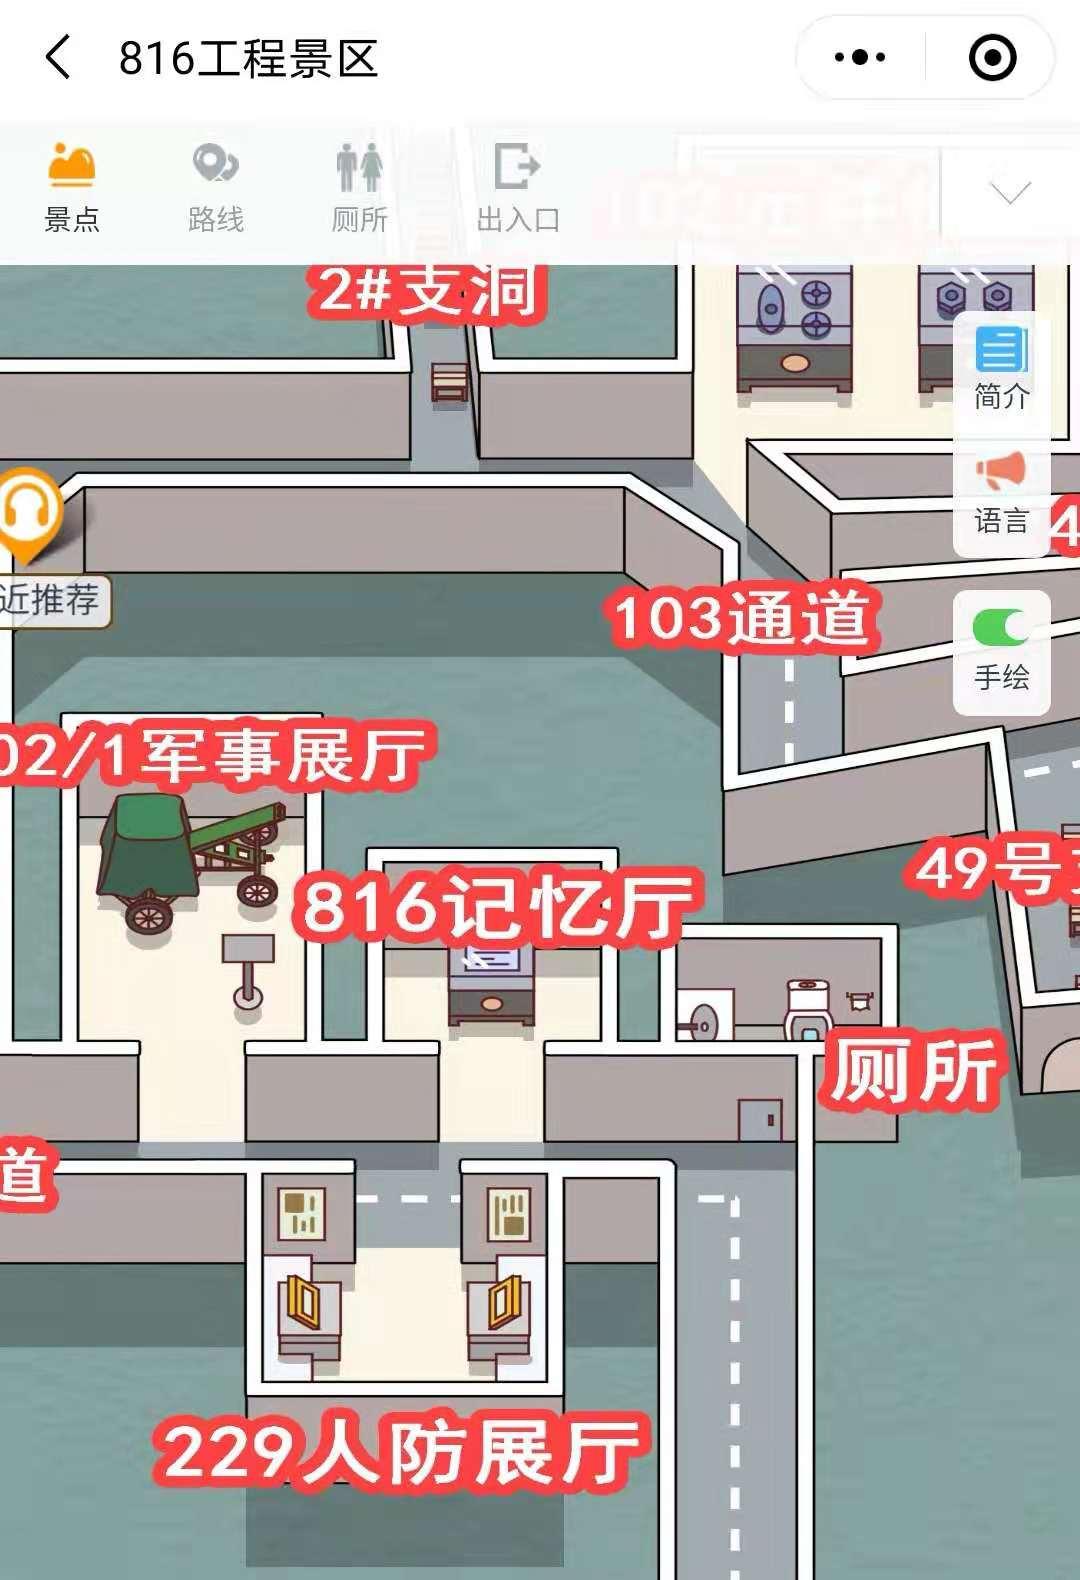 2021年国家4A景区重庆816工程景区手绘地图,电子导览,语音讲解系统上线.jpg